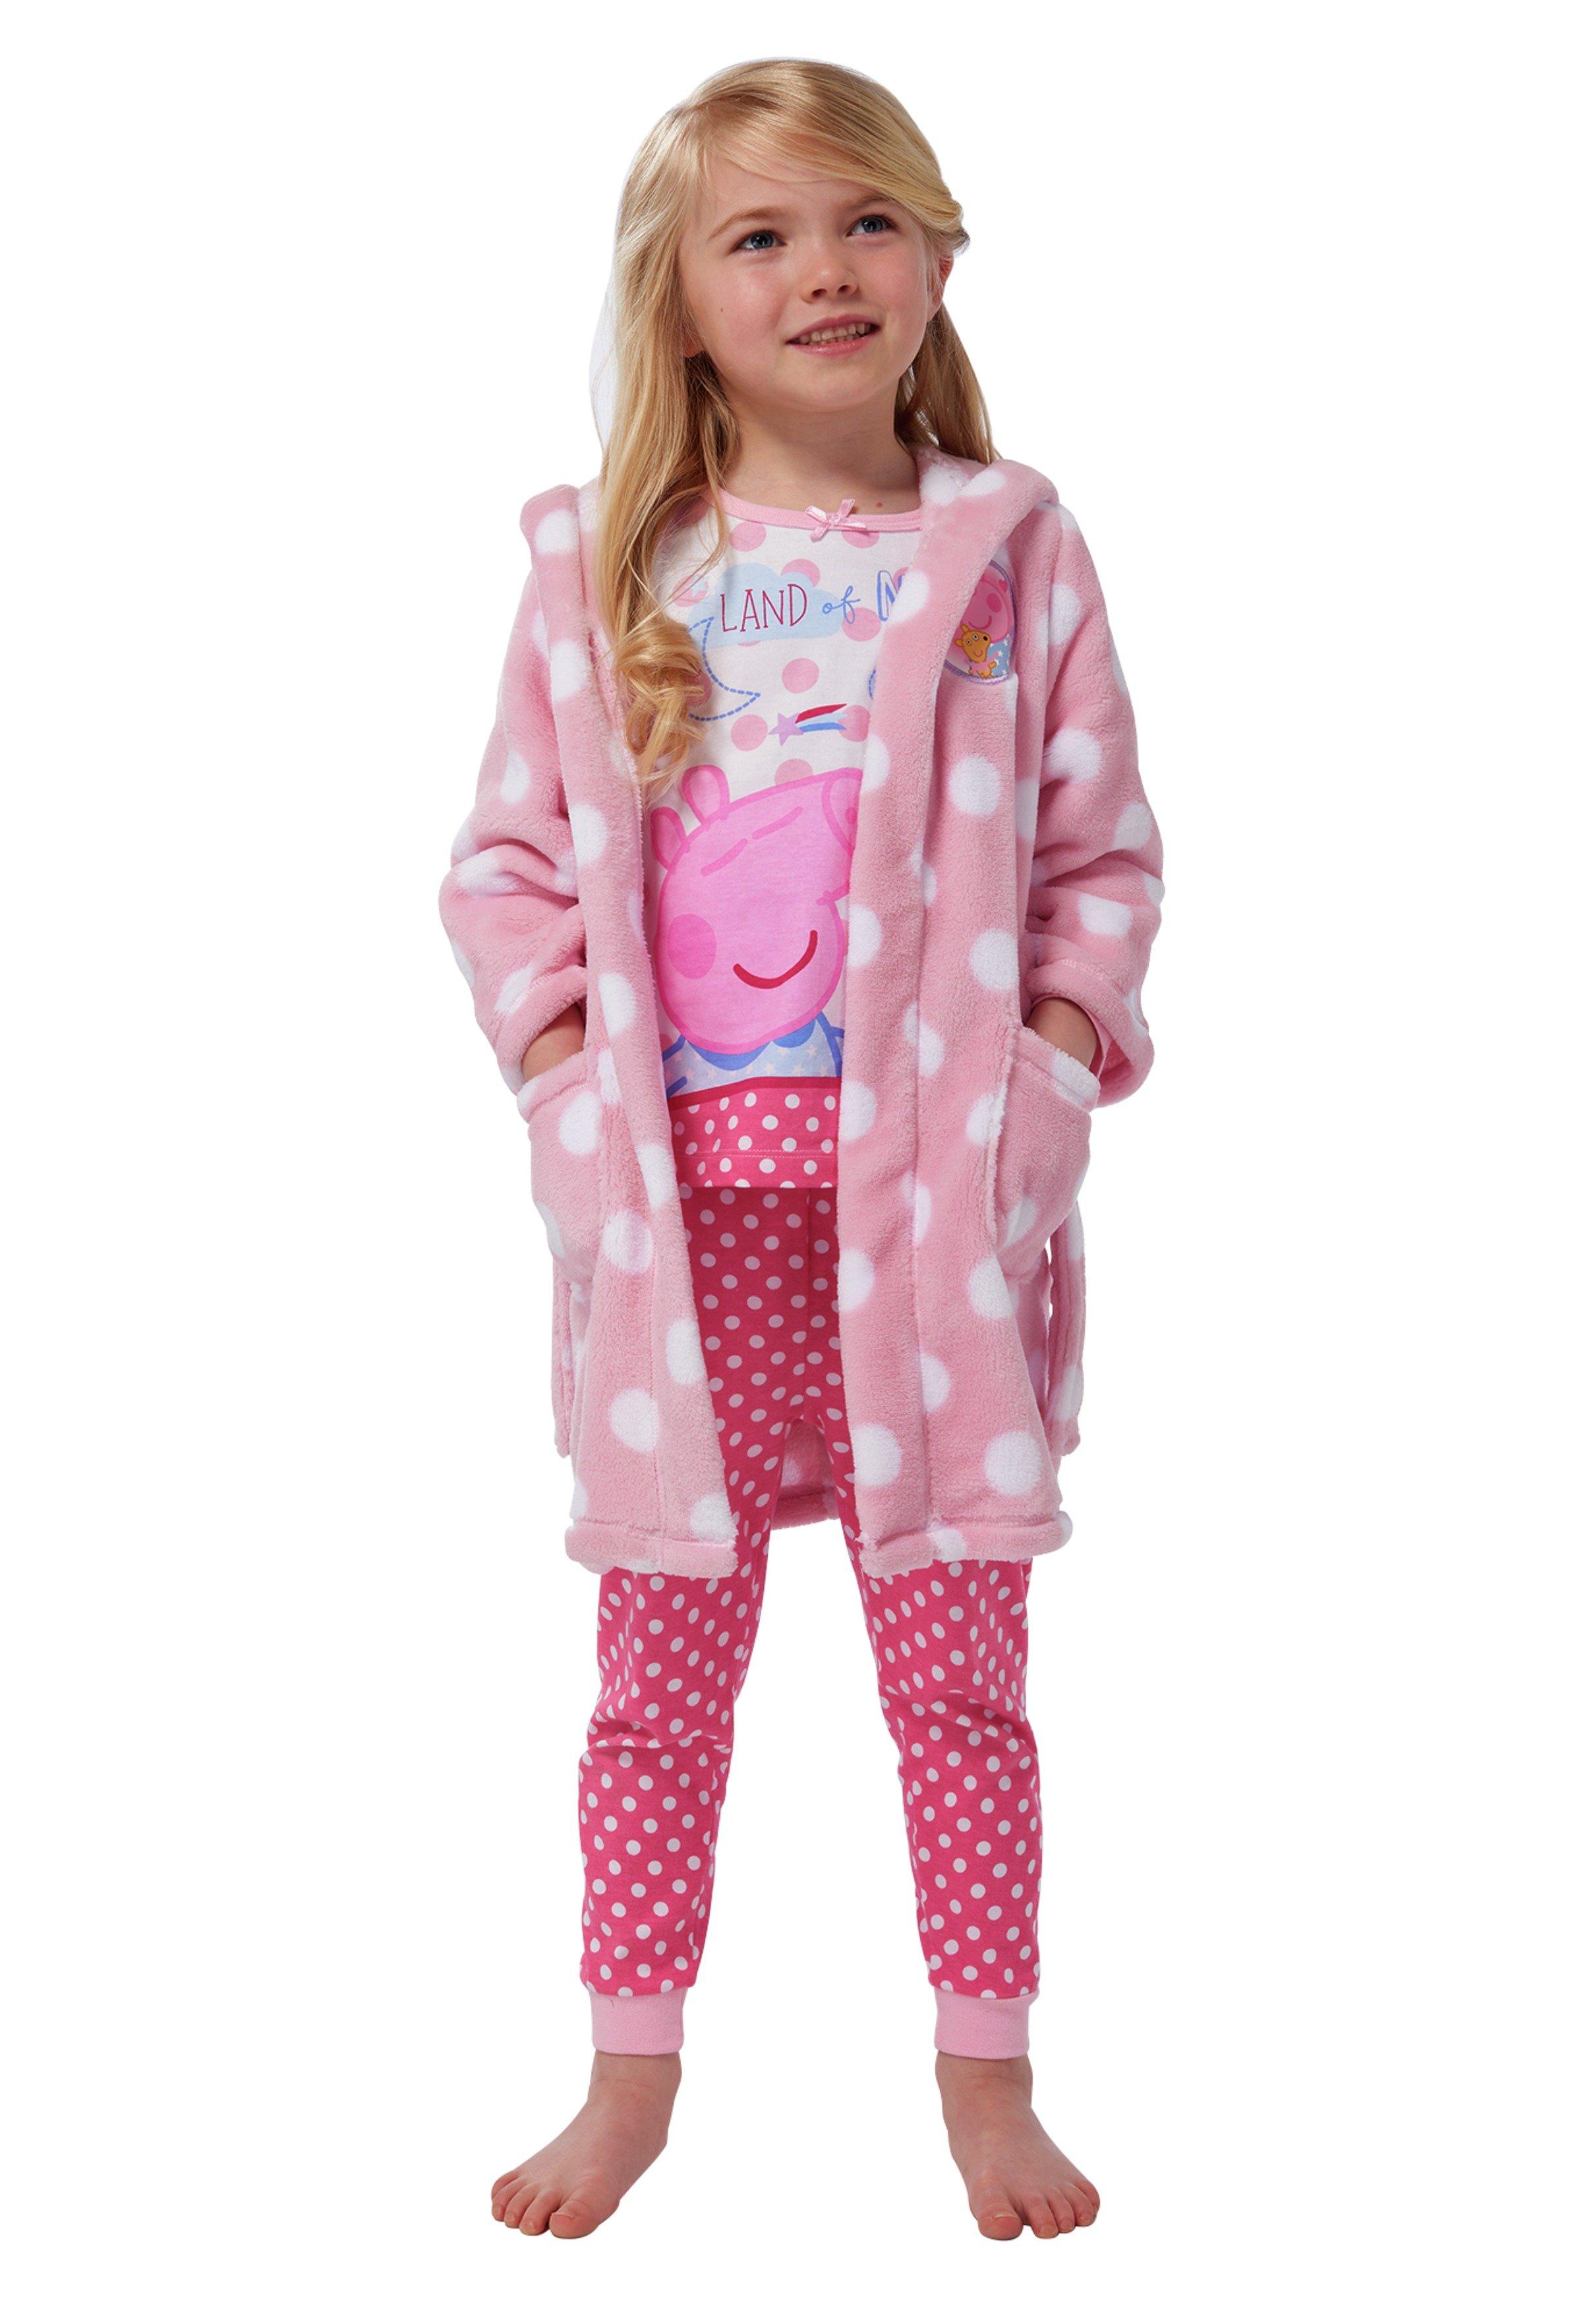 Image of Peppa Pig Nightwear Set - 3-4 Years